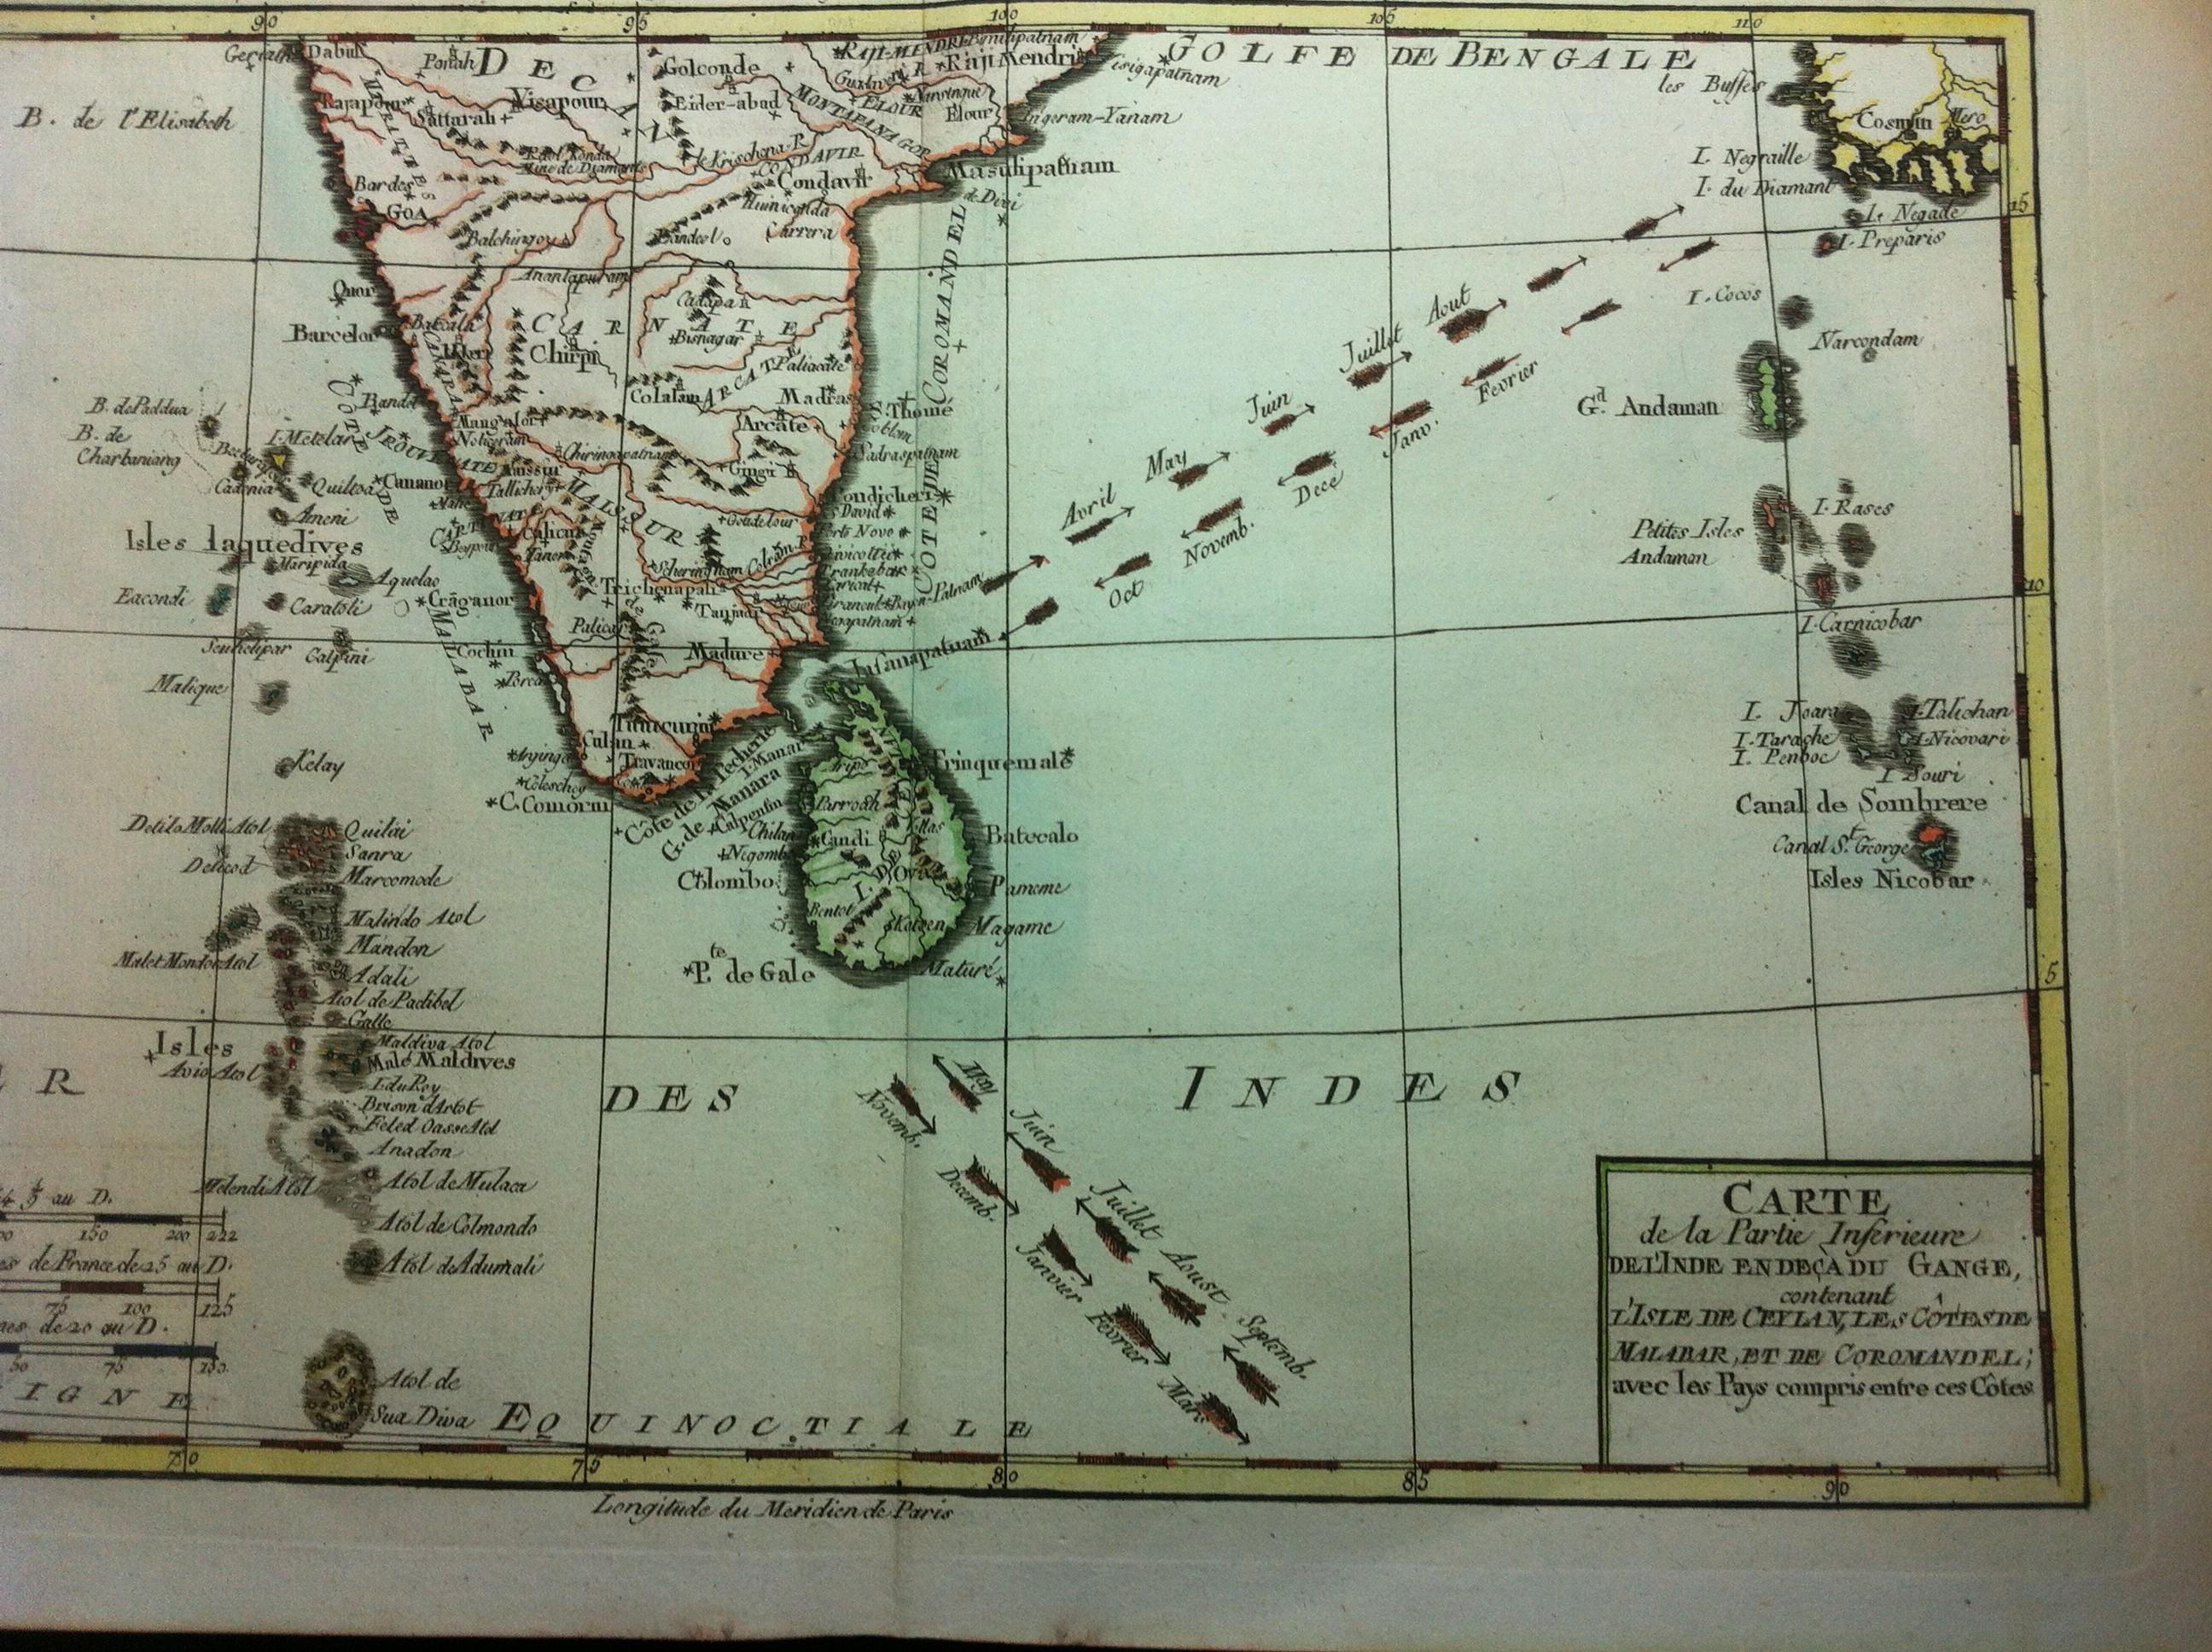 Carte De Linde Avec Le Gange.Carte De La Partie Inferieure De L Inde En Deca Du Gange Ida Victoire